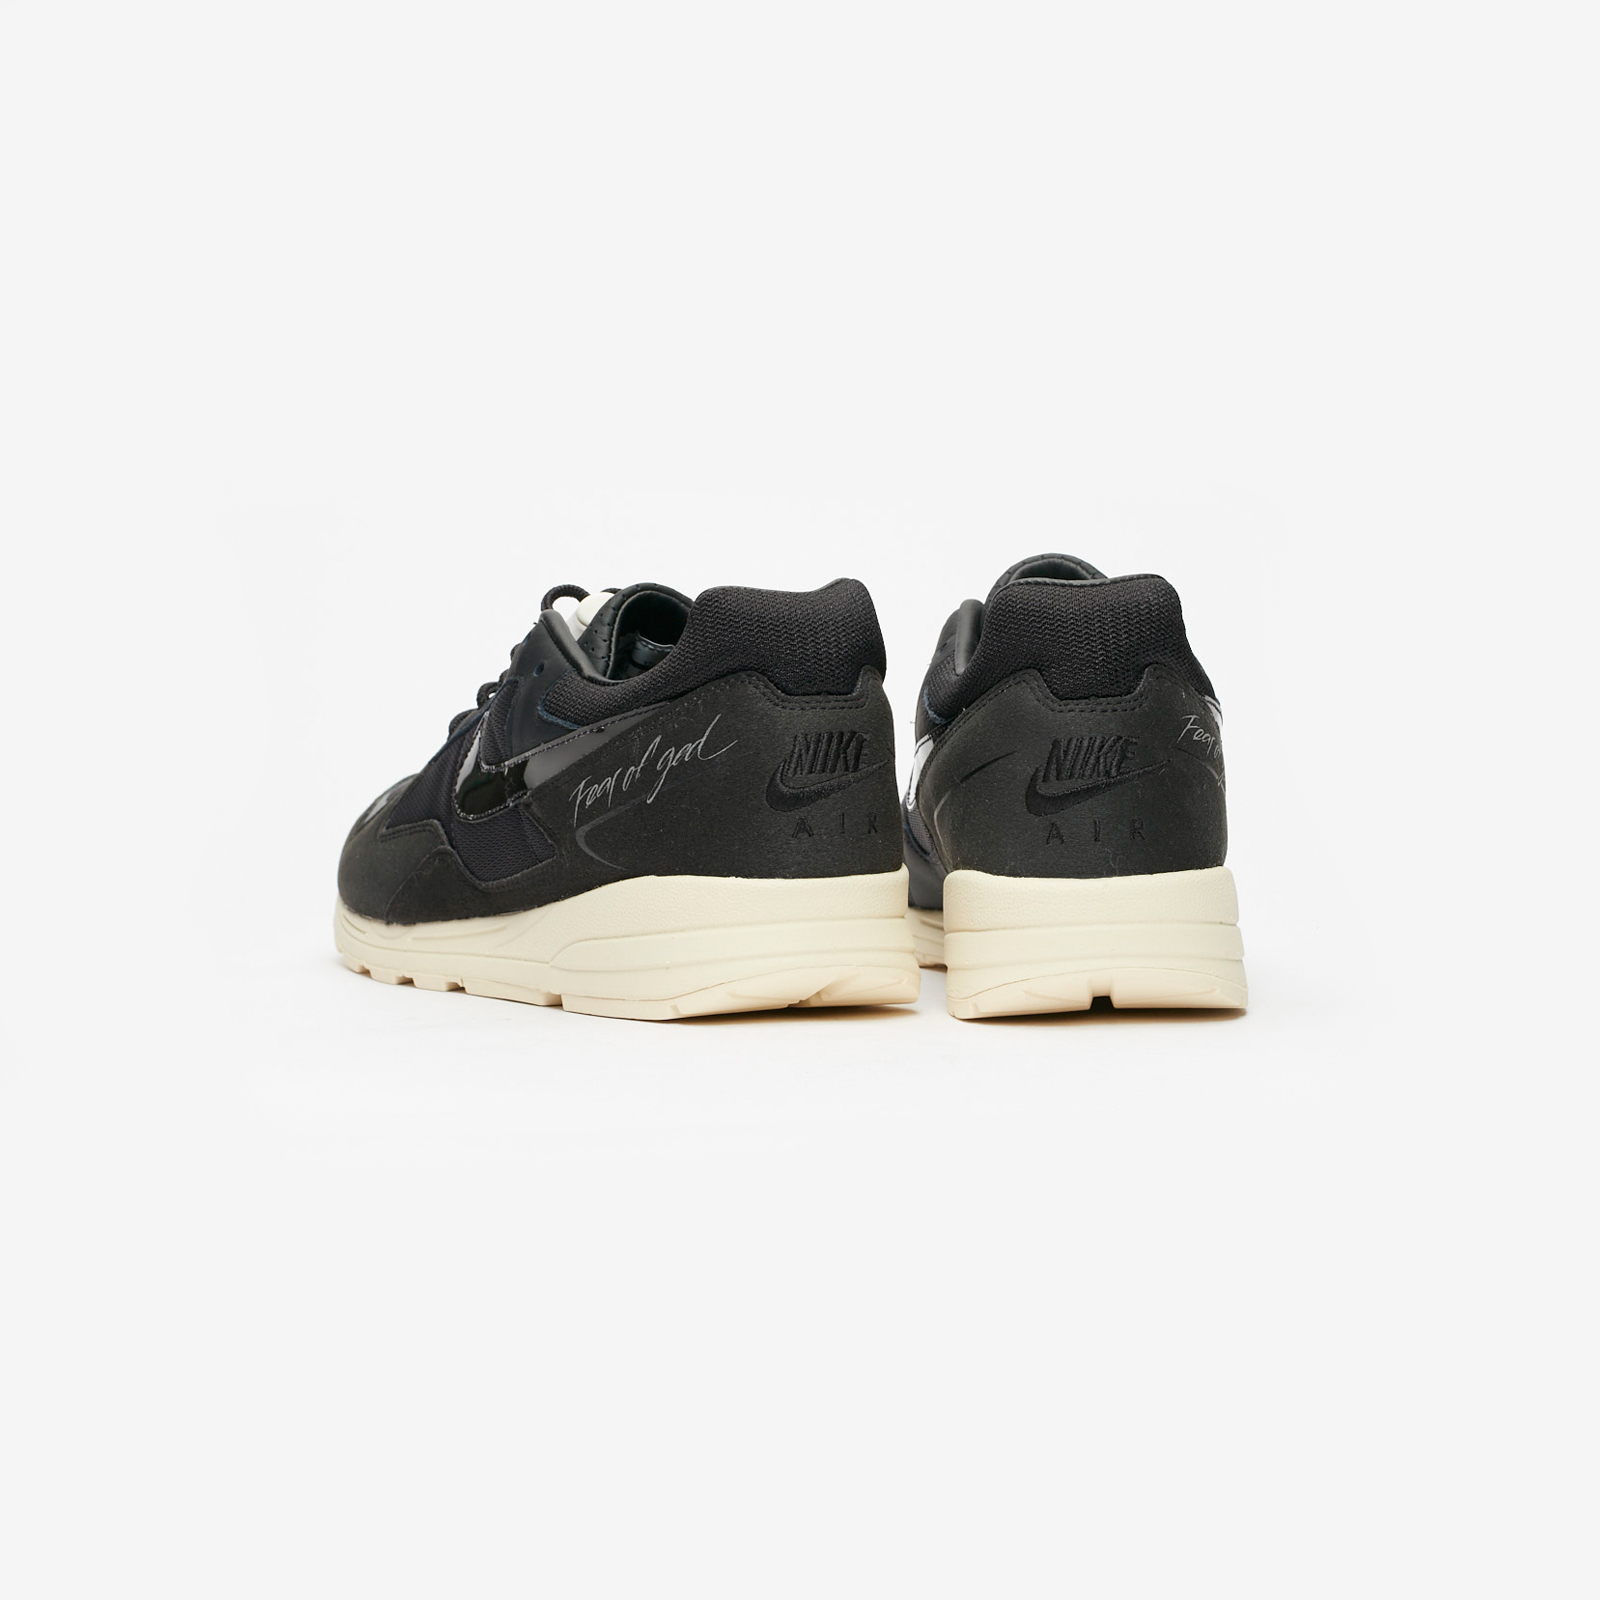 big sale e18c3 c959a Nike Air Skylon II   Fear Of God - Bq2752-001 - Sneakersnstuff   sneakers    streetwear online since 1999